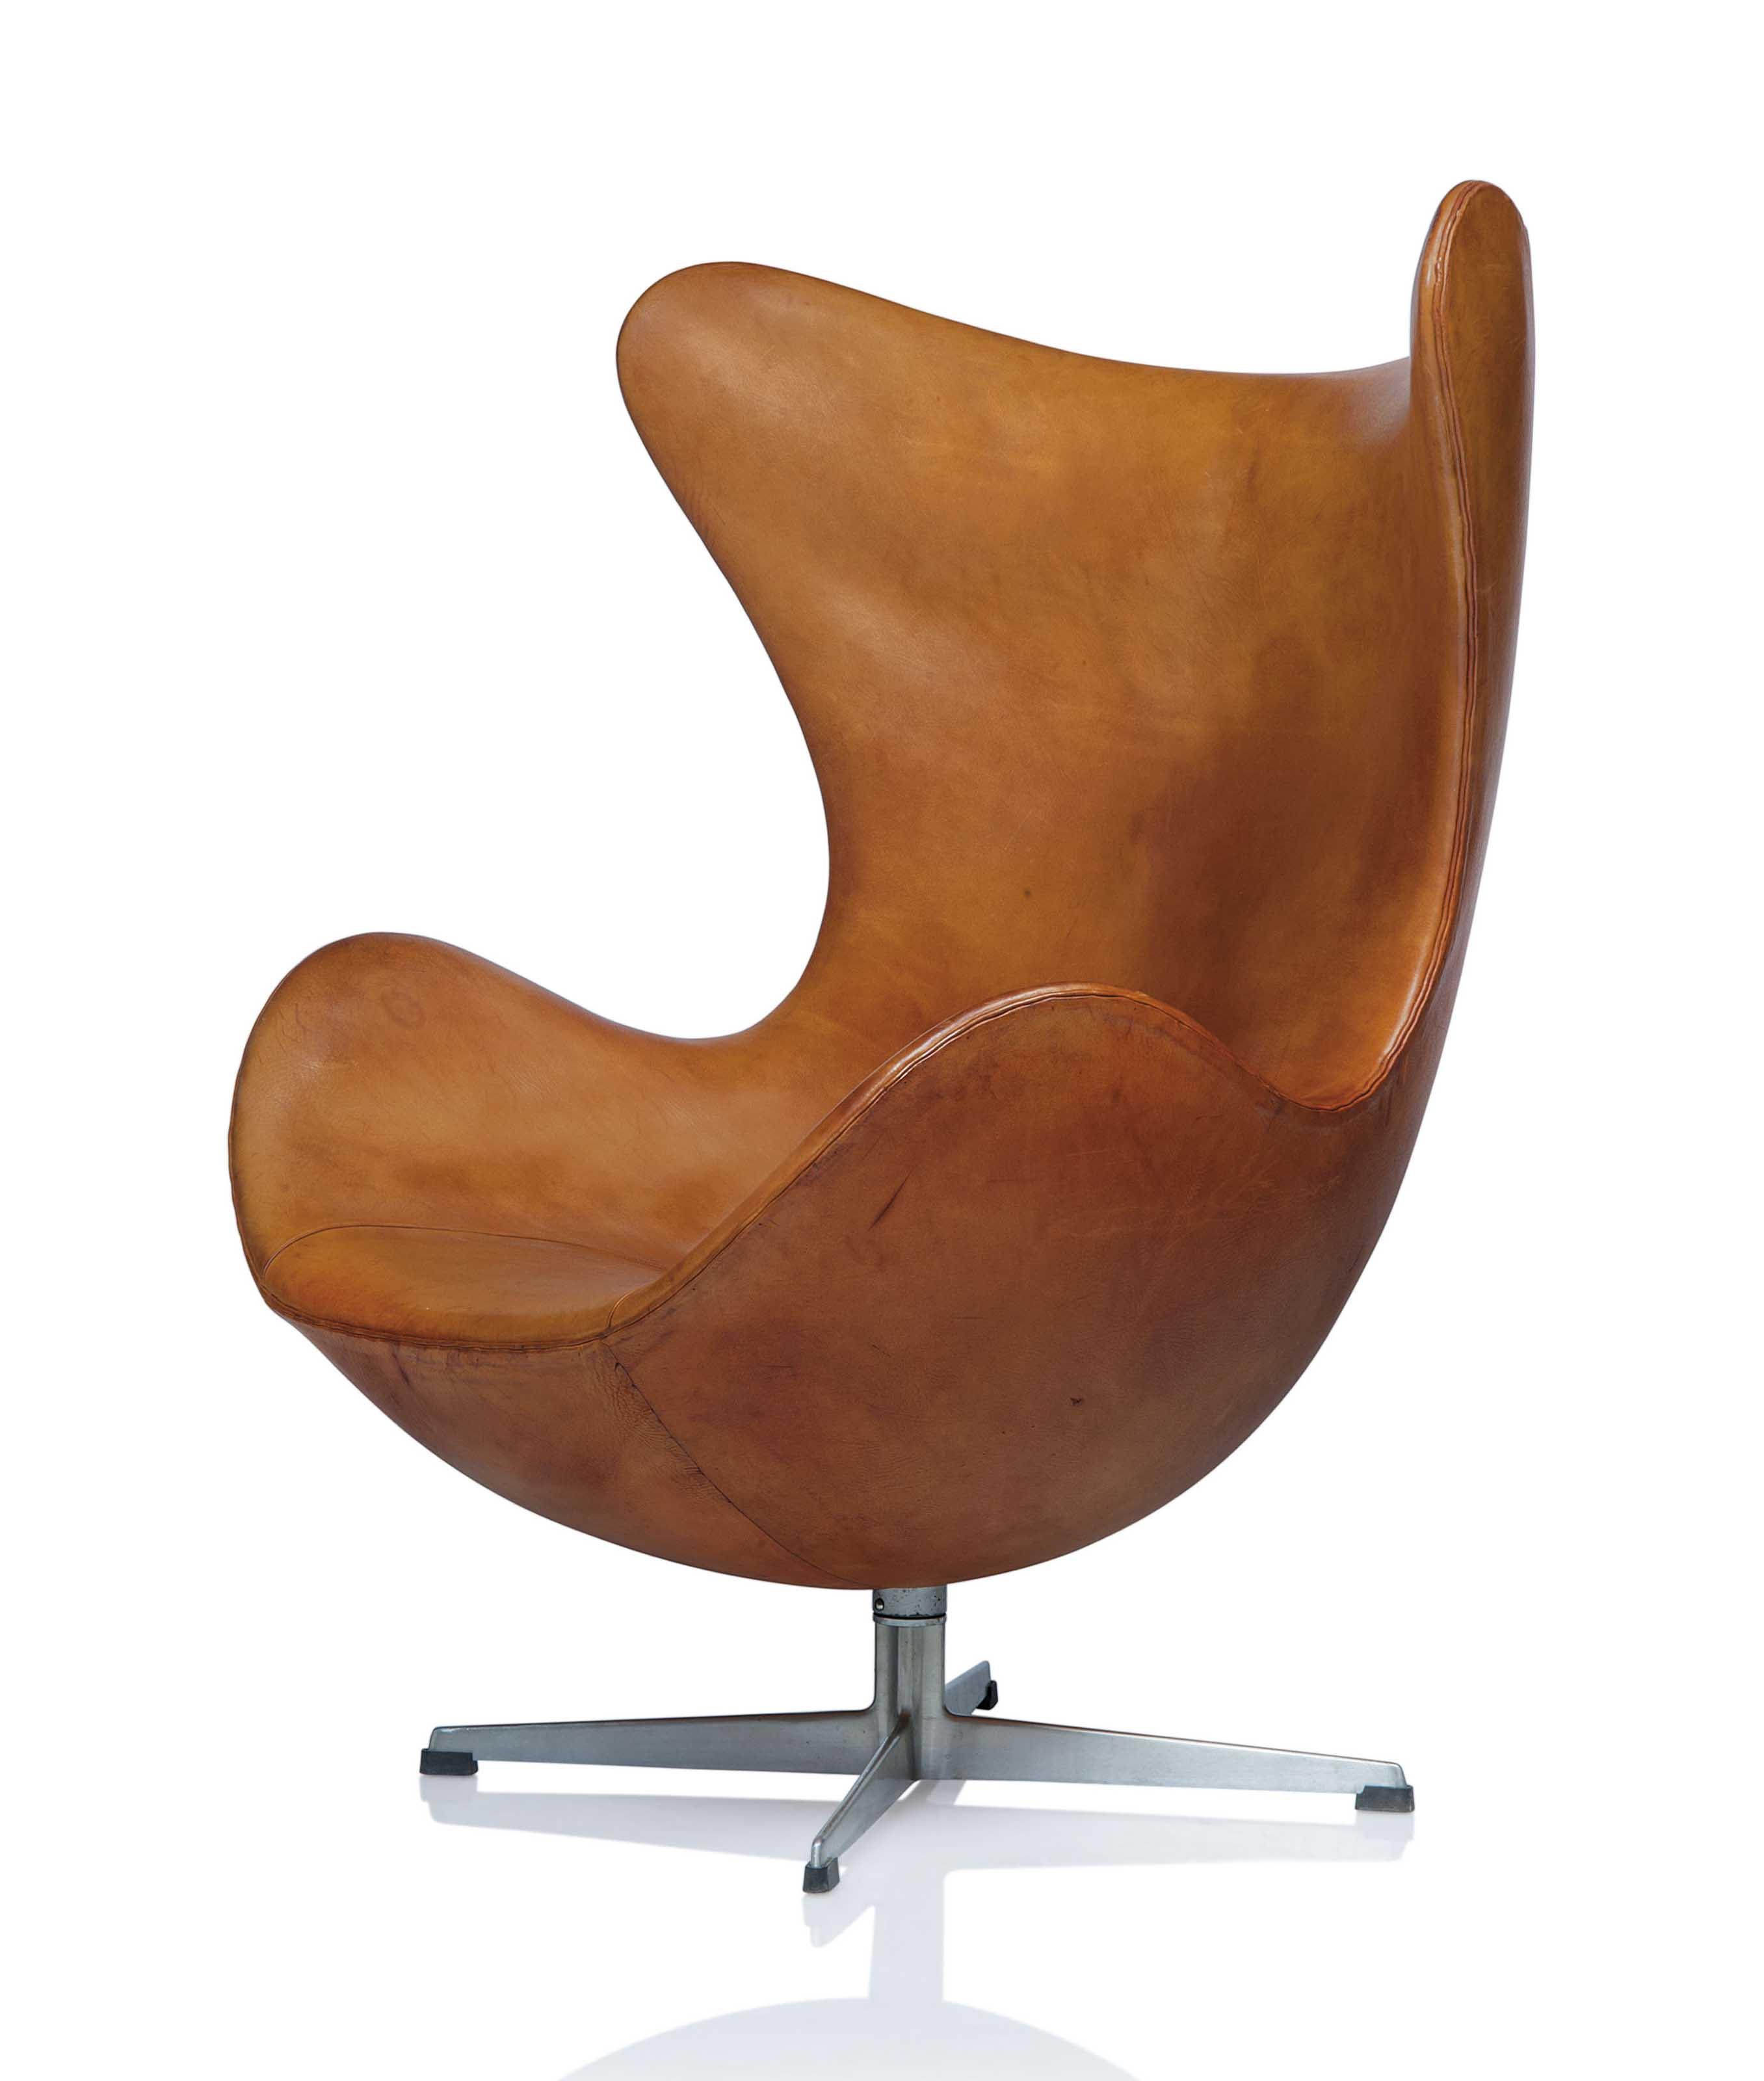 Egg Chair Arne Jacobsen Kopie.Arne Jacobsen 1902 1971 An Early Egg Lounge Chair Designed